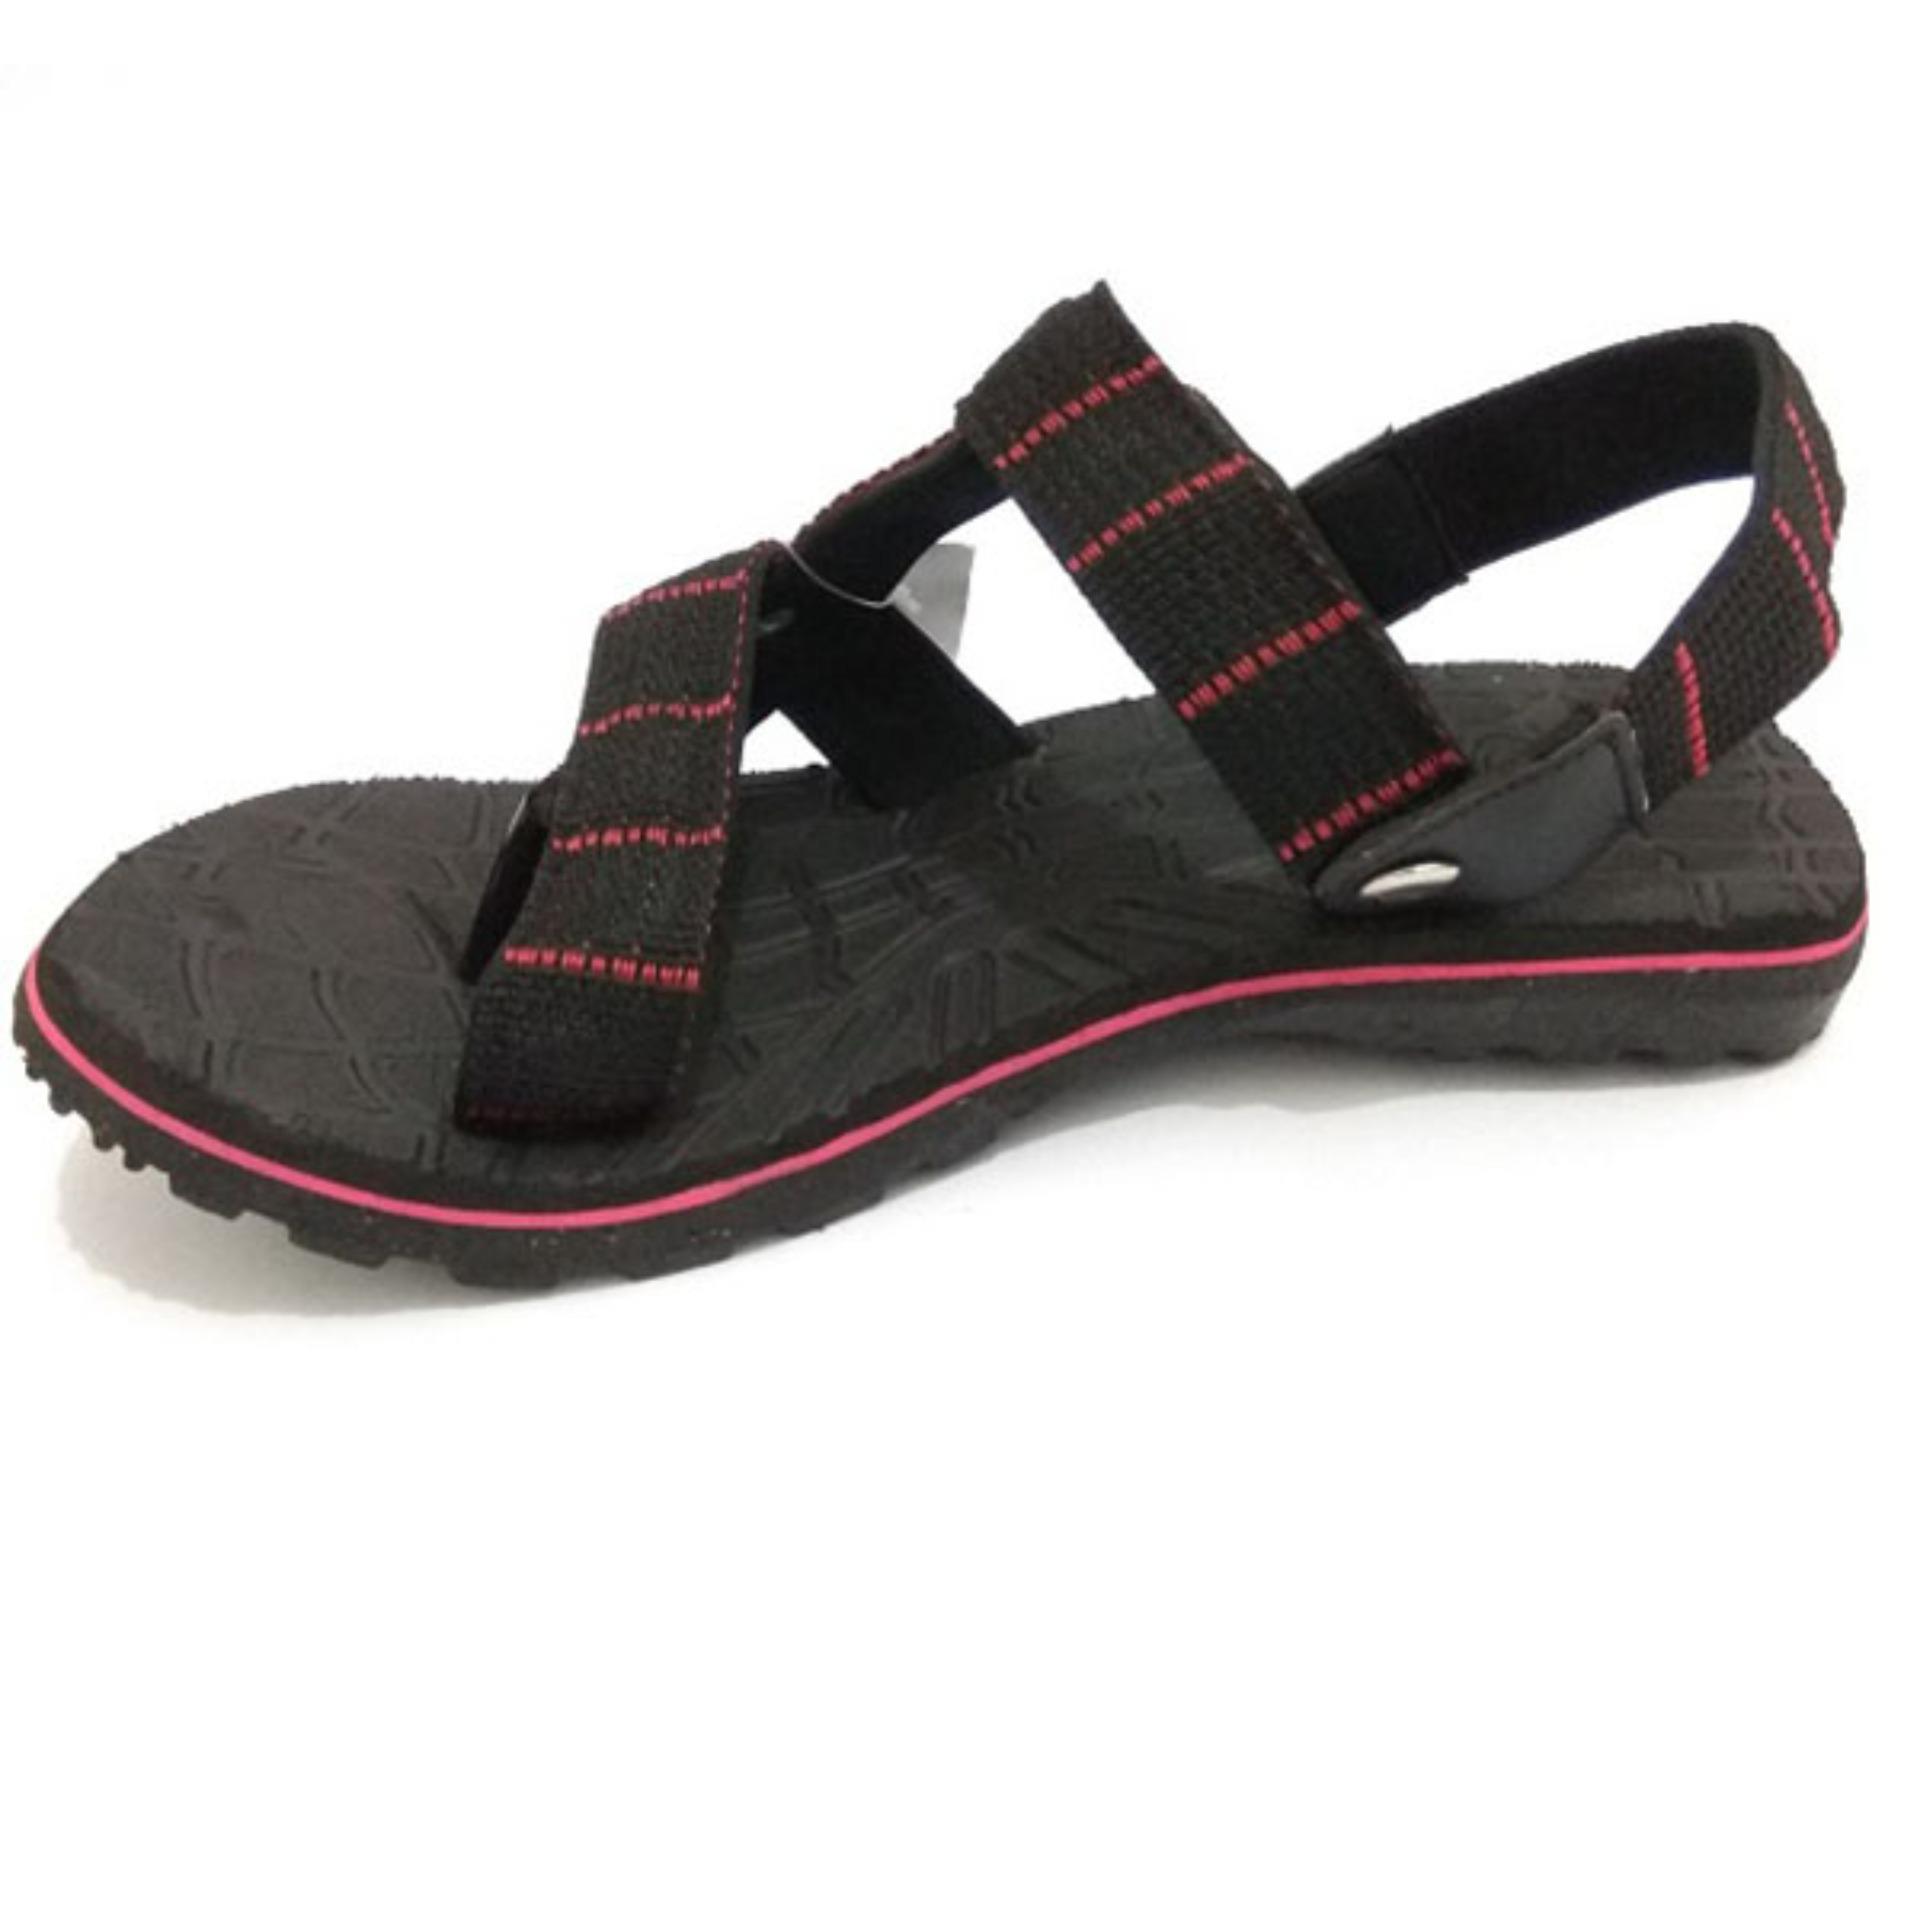 Aiger Sandal Sandal Selop Pria Sandal Gunung Merah TOKO INDONESIA  Perbandingan harga Sepatu ... c76b5240df